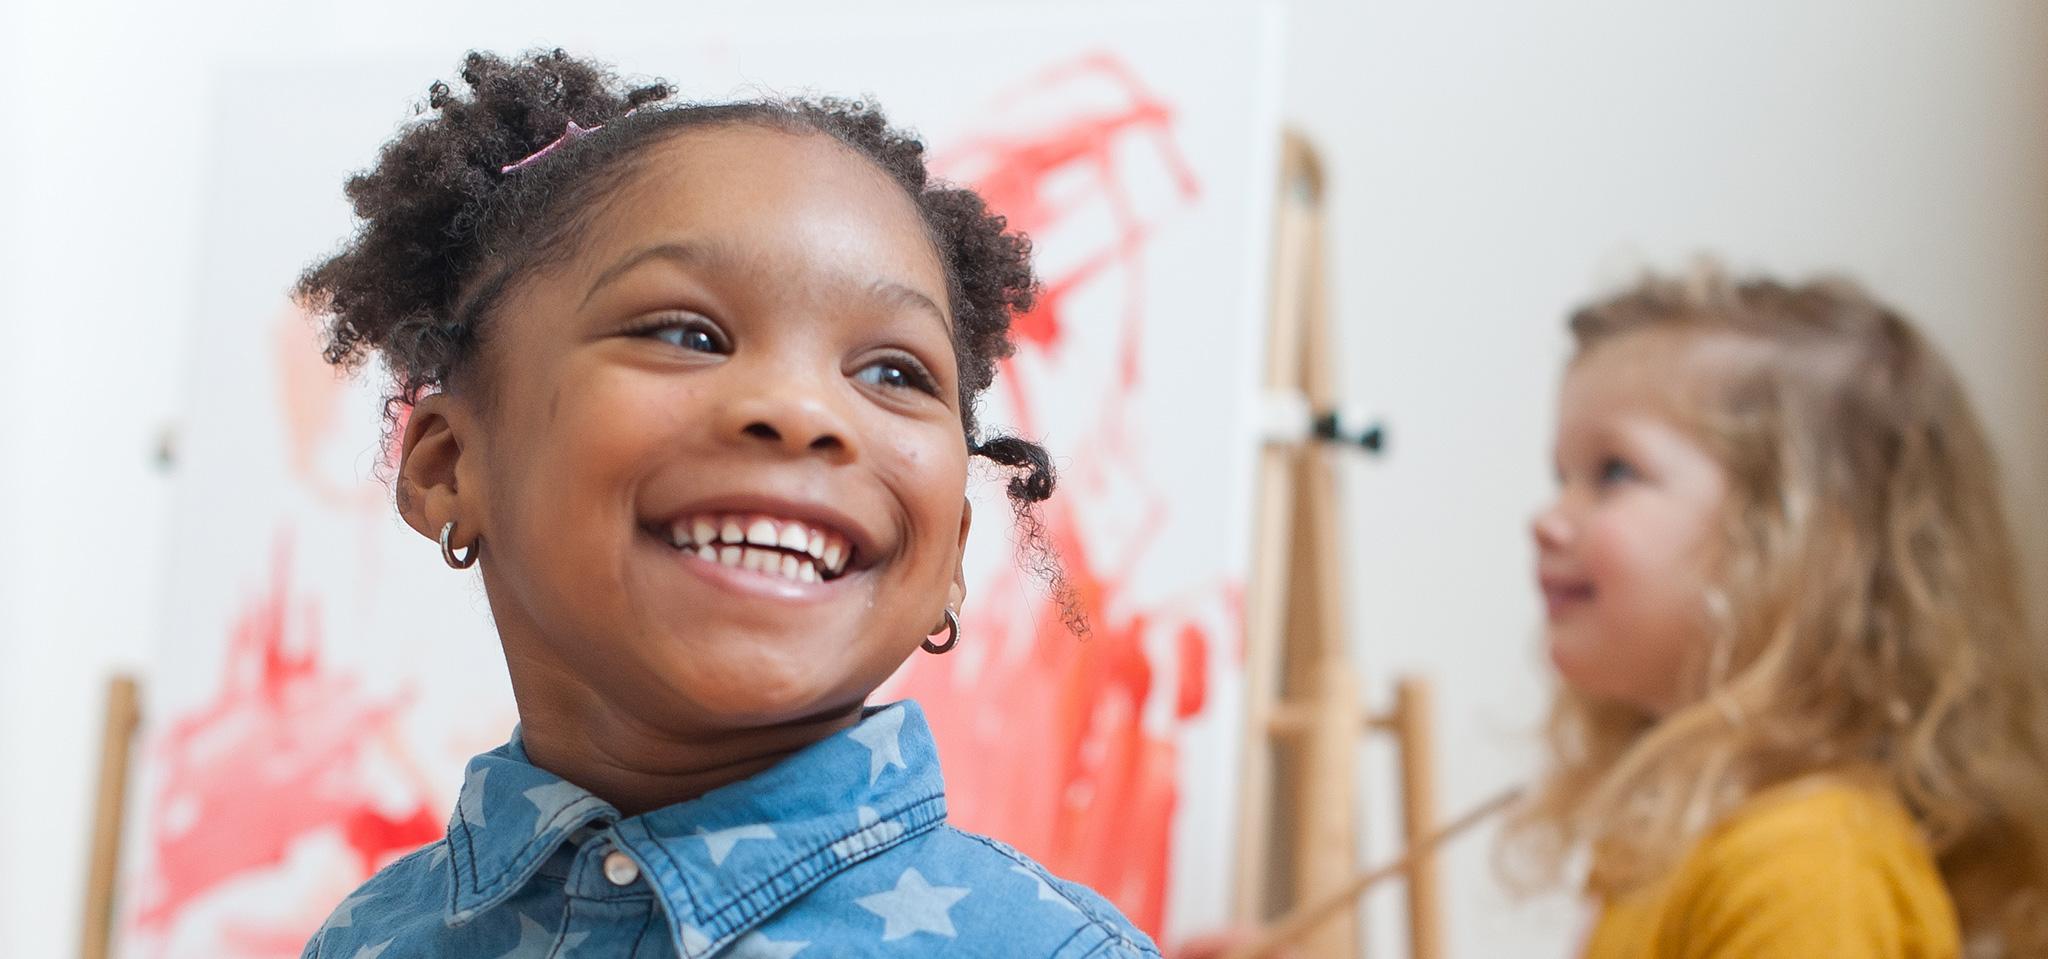 Talenten en mogelijkheden van ieder kind